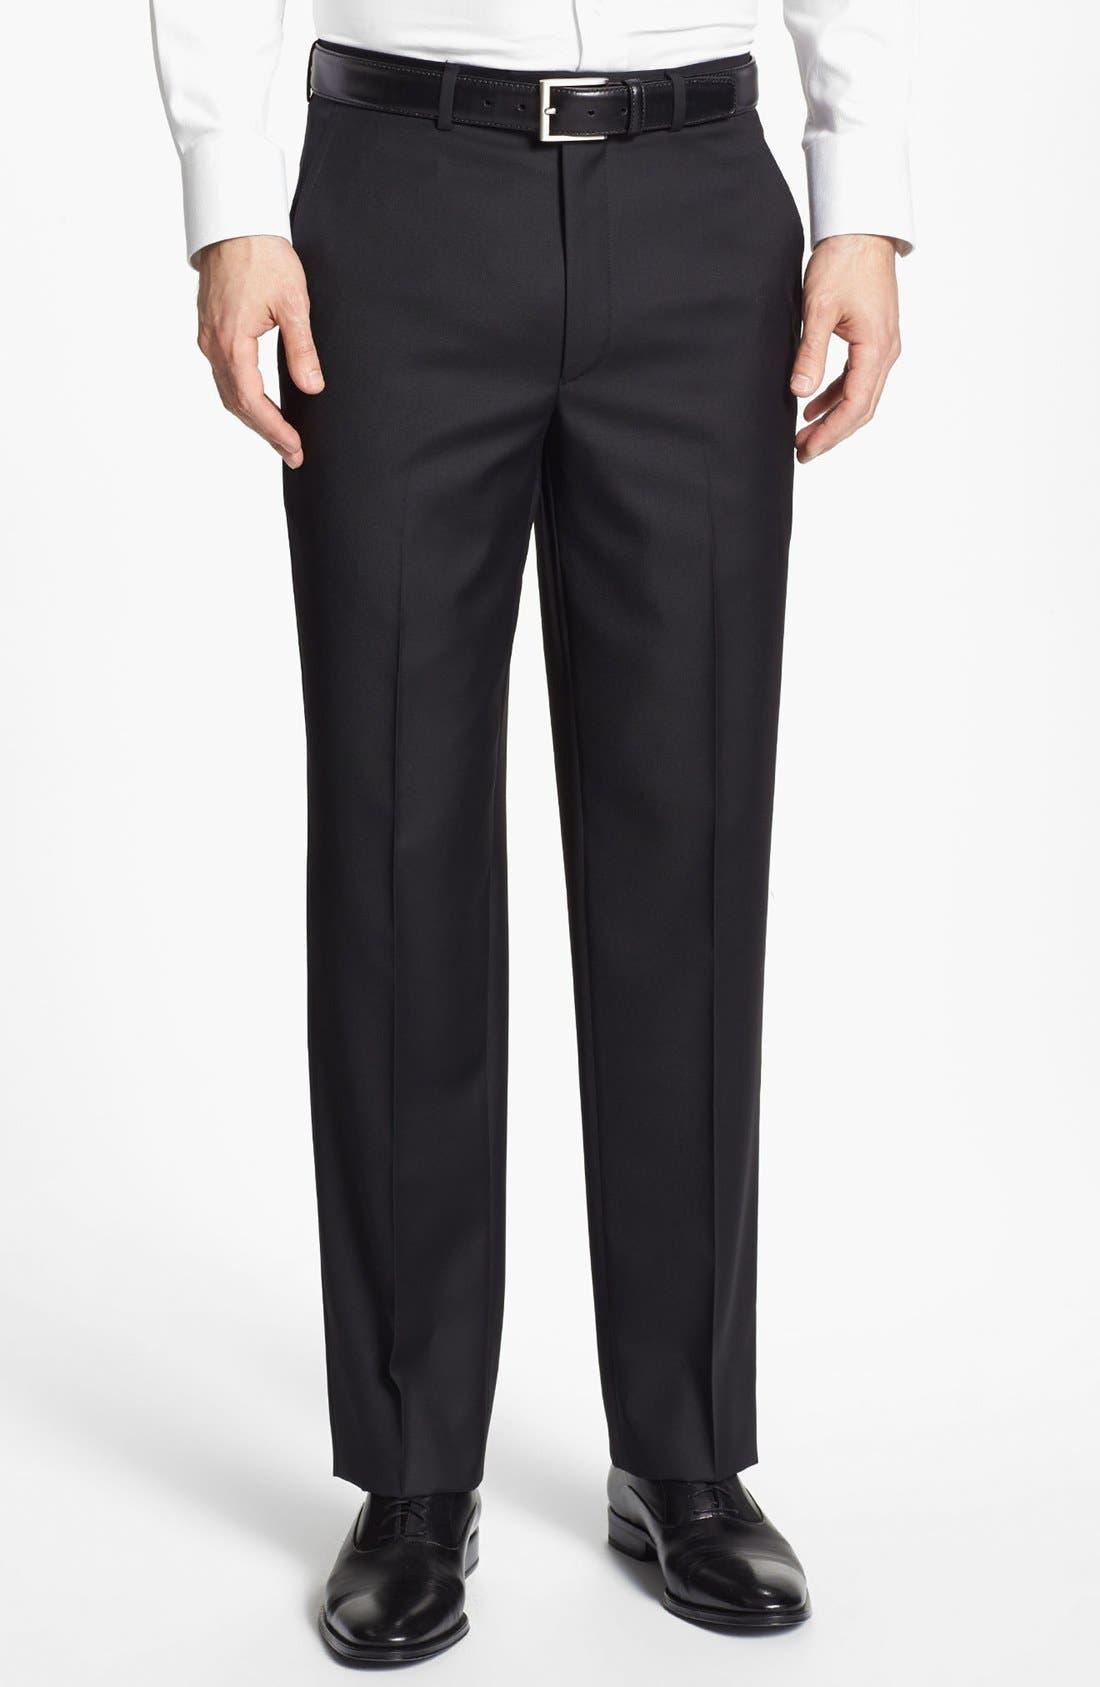 Santorelli Luxury Flat Front Wool Trousers